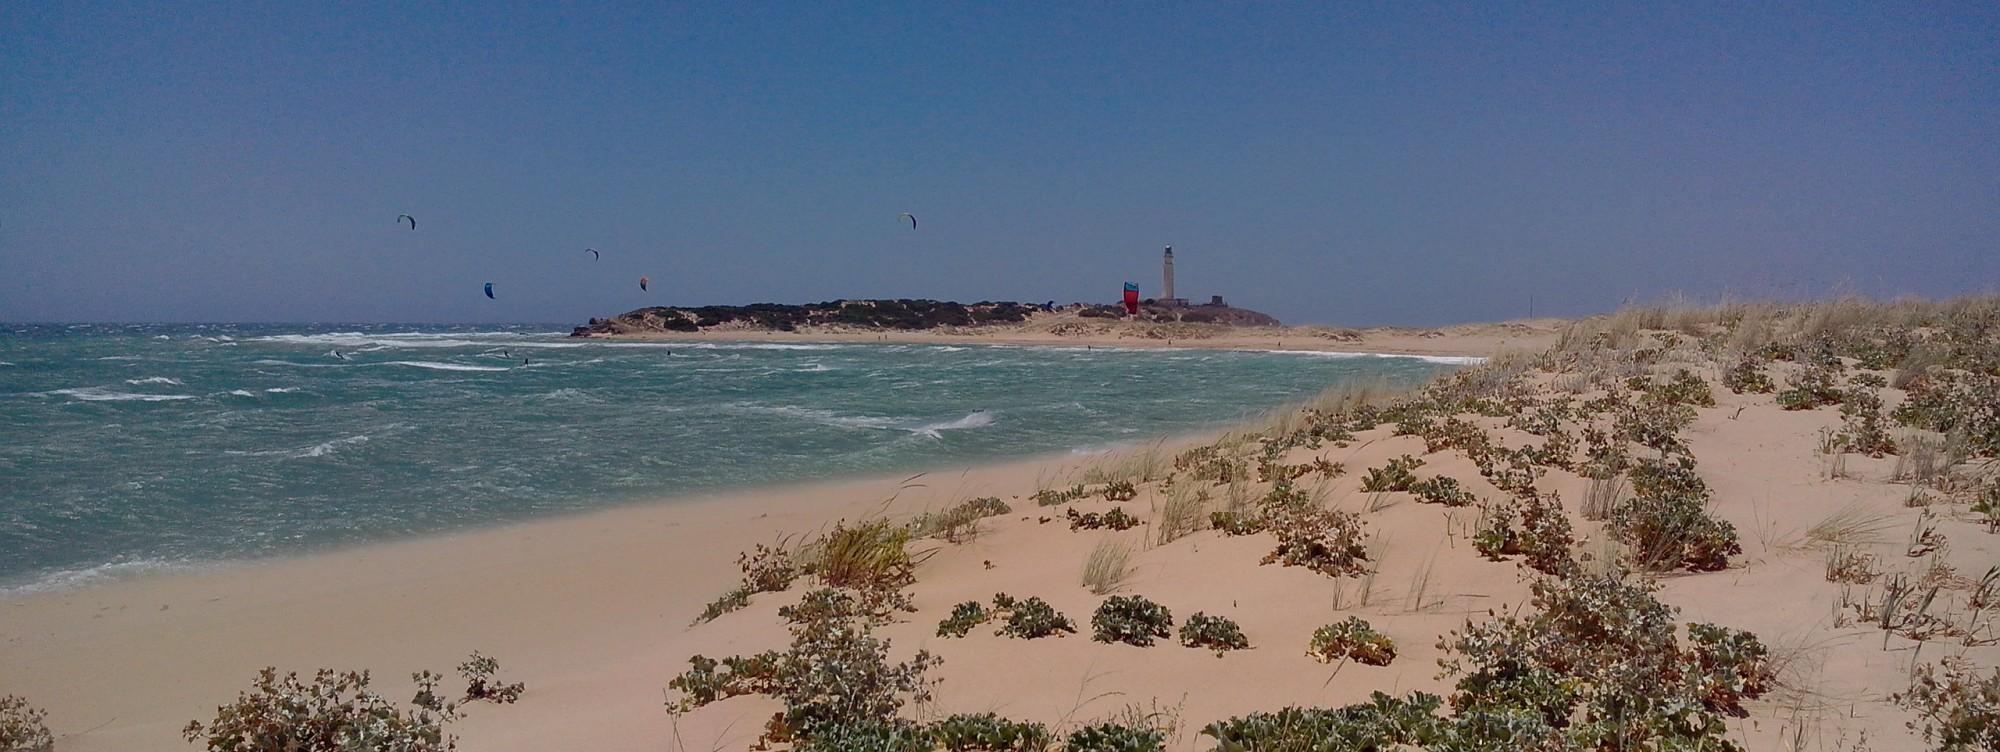 wind report ES, Los Canos de Meca (ES)